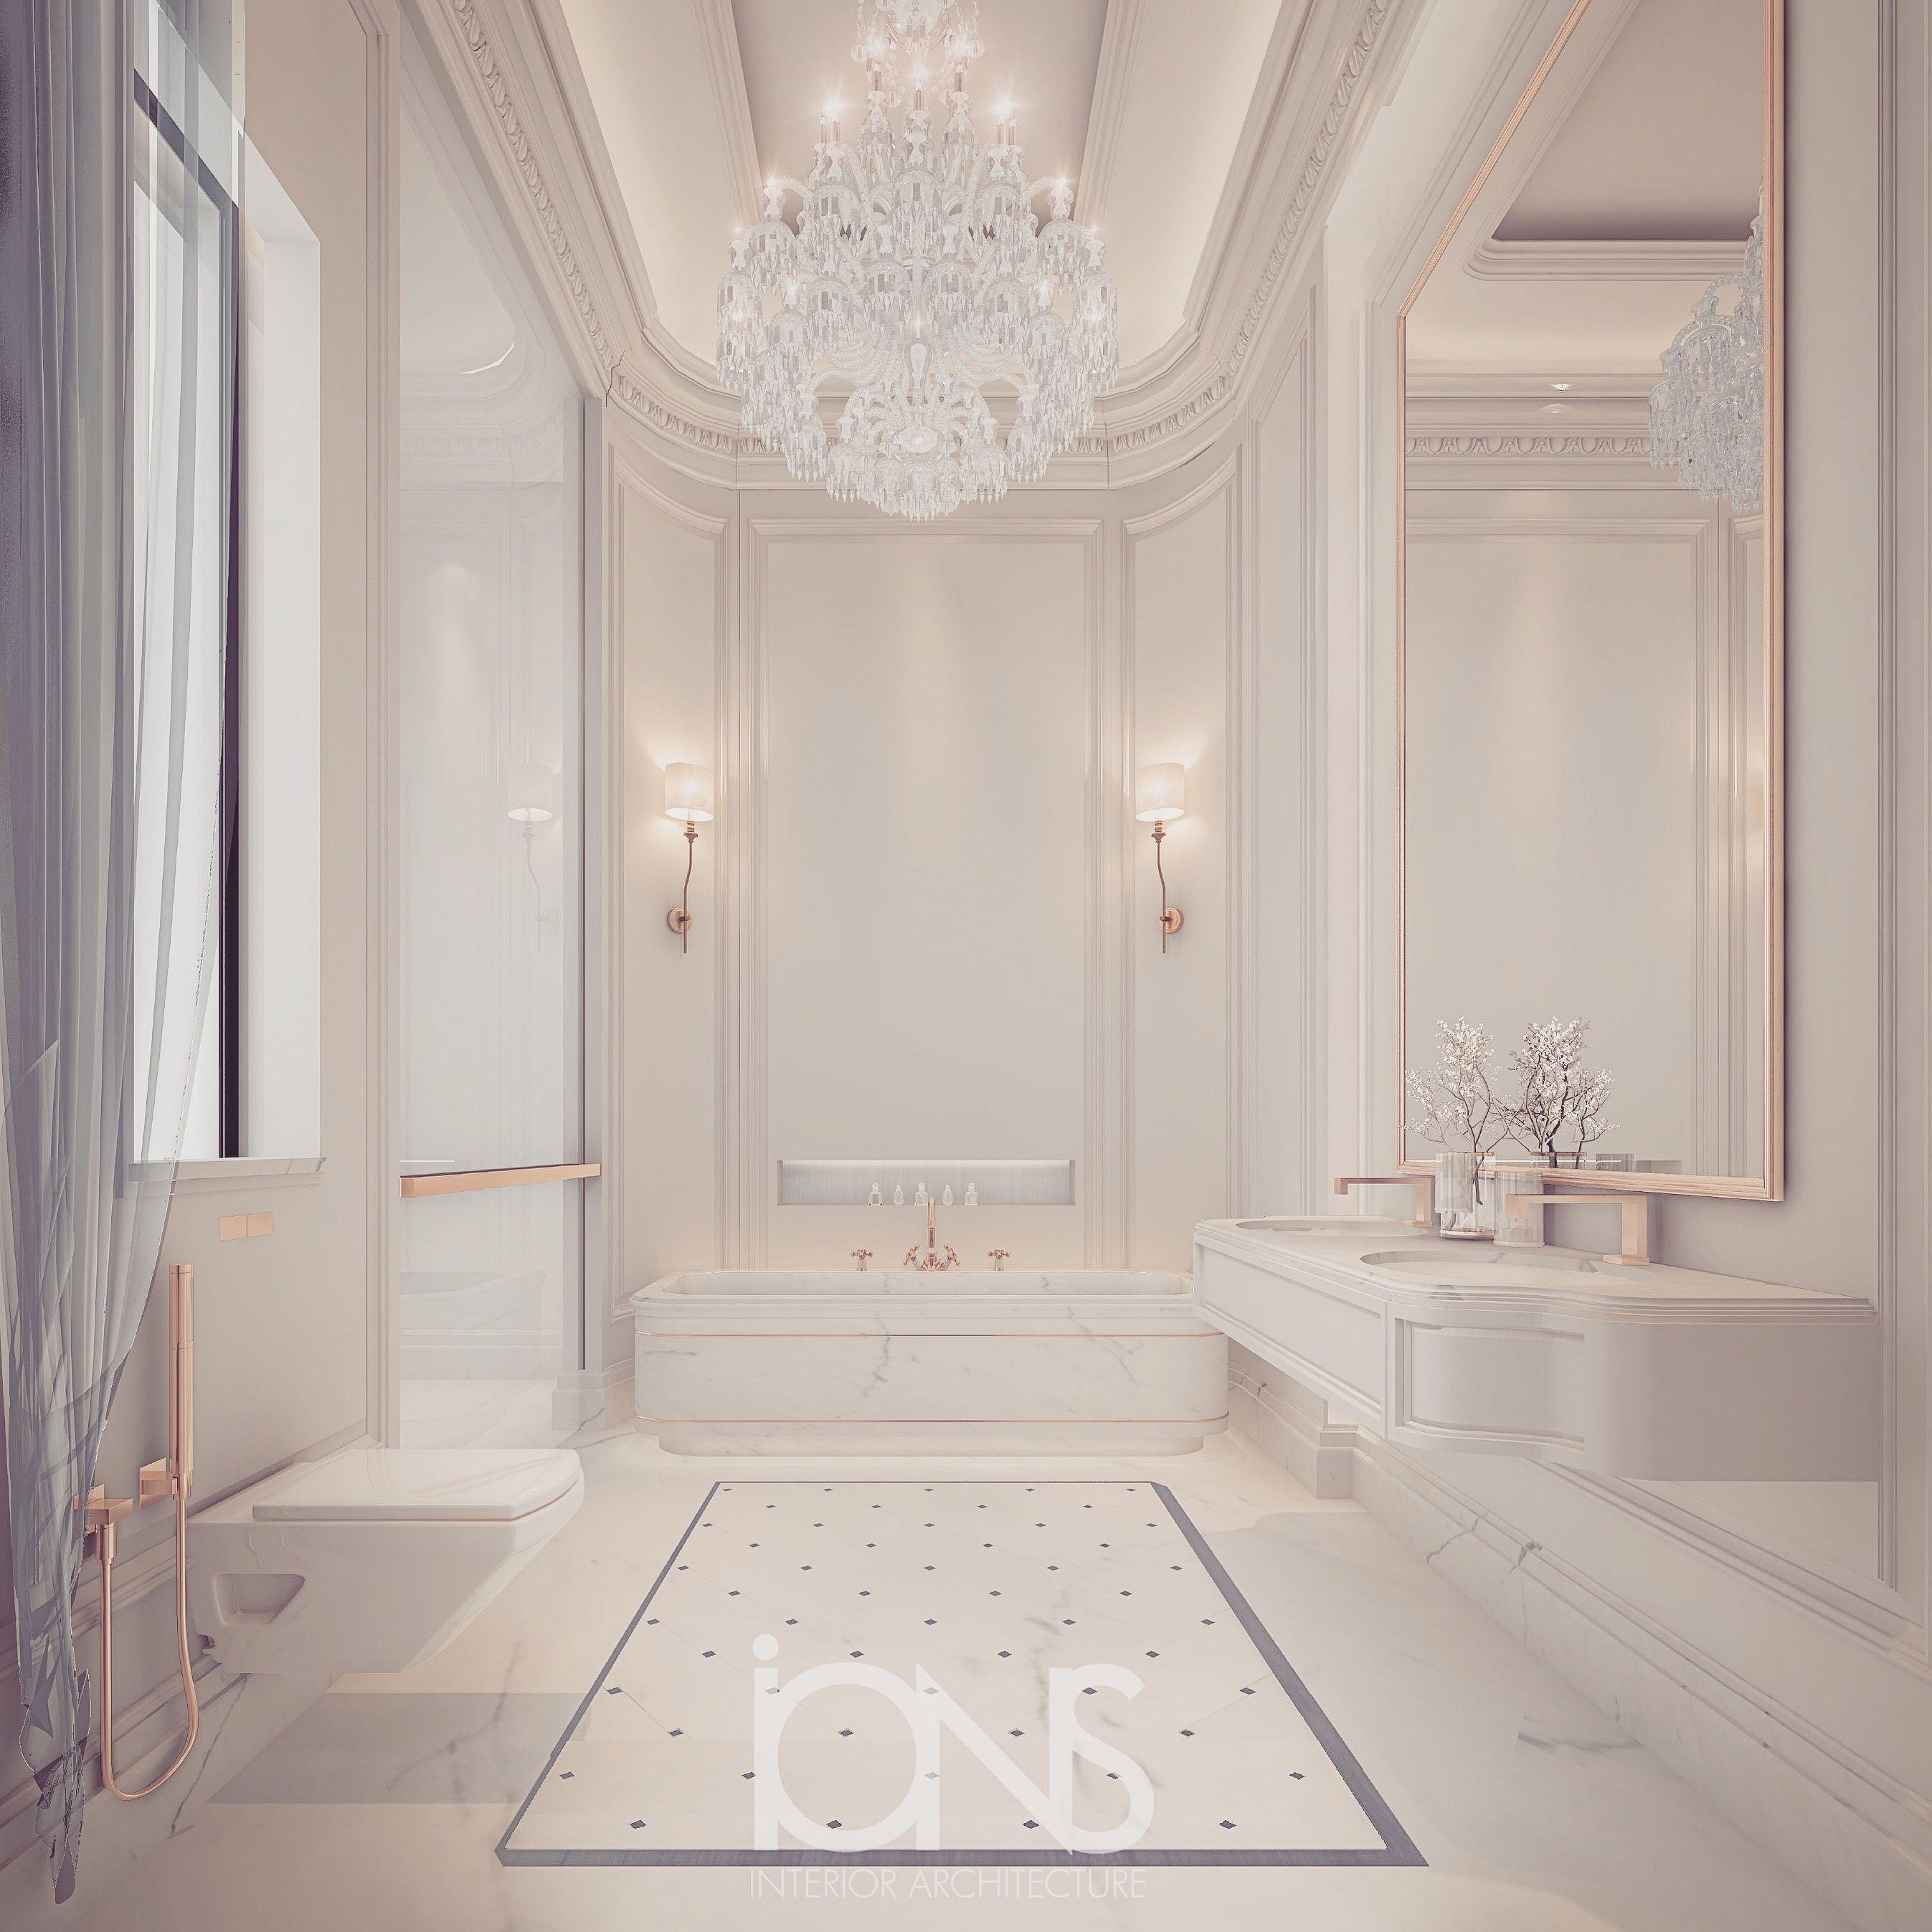 Luxury Bathroom Design  IONS  Luxury Interior Design Dubai